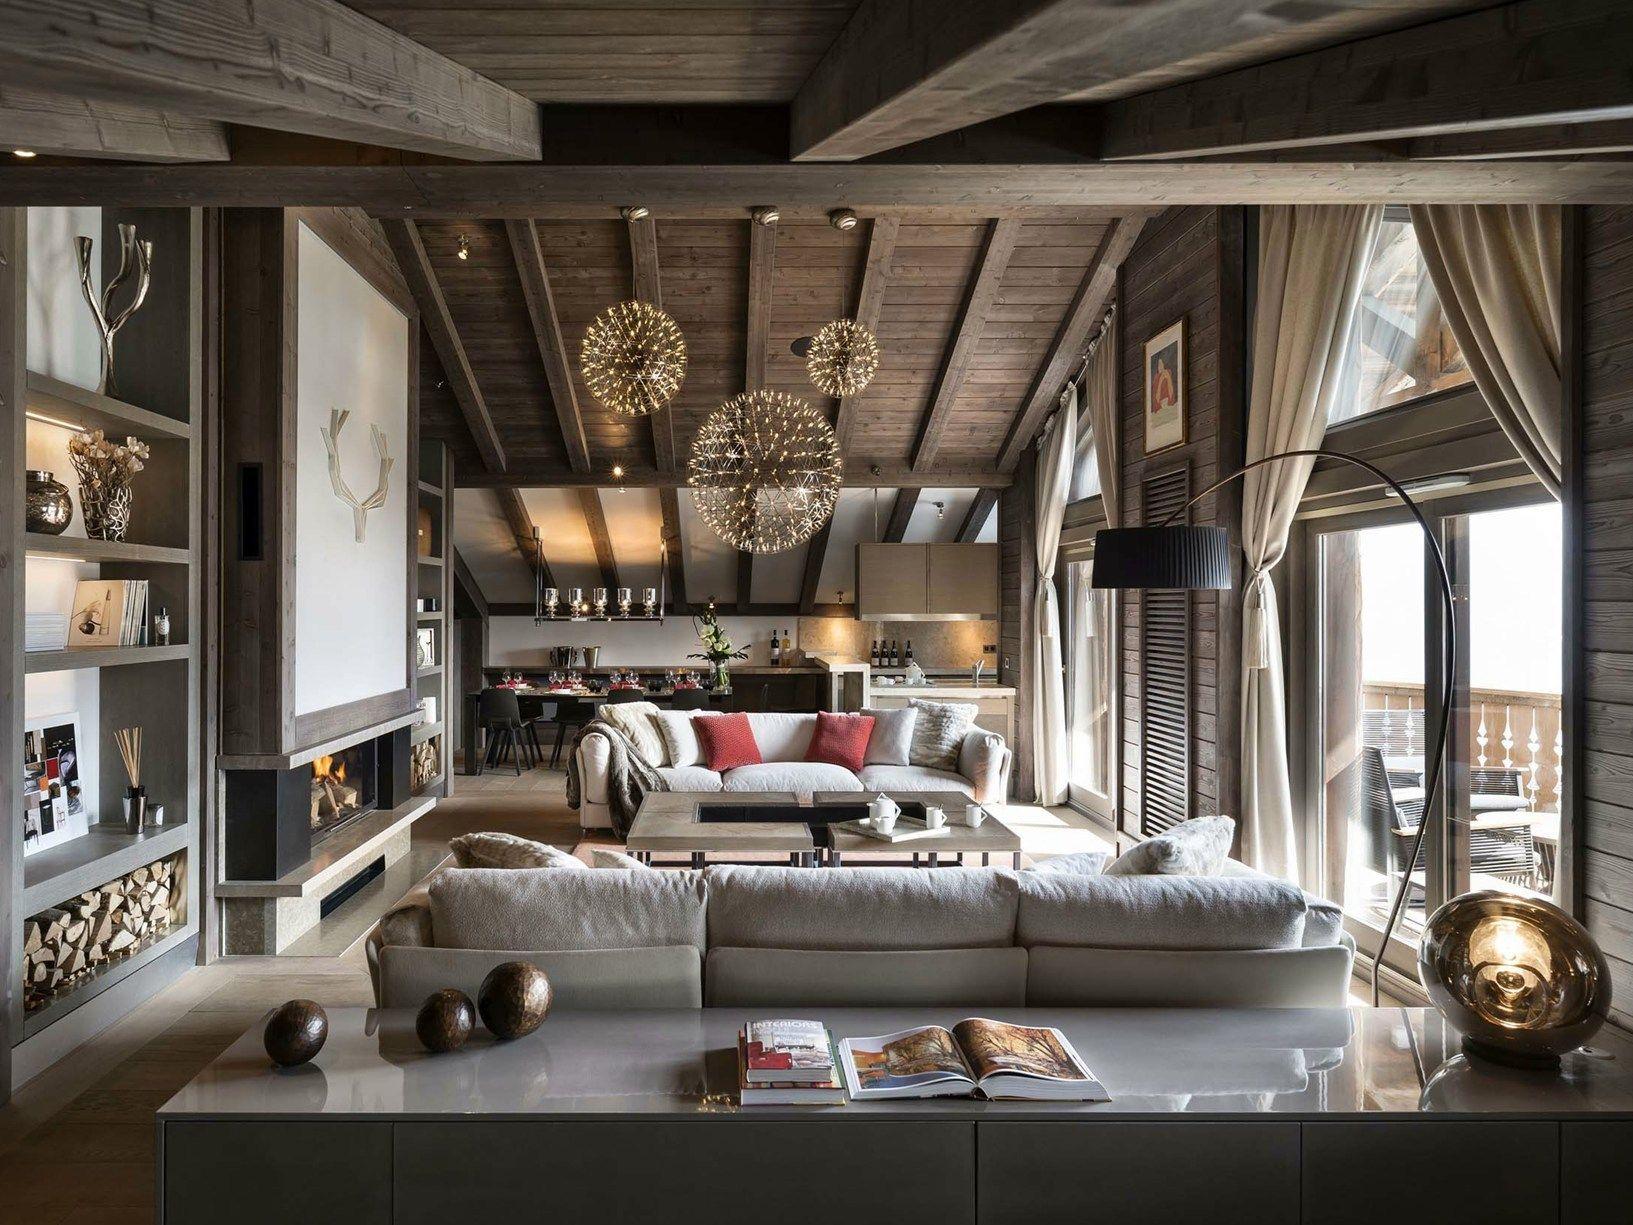 44 appartamenti affacciati sulle alpi francesi for Interni case francesi